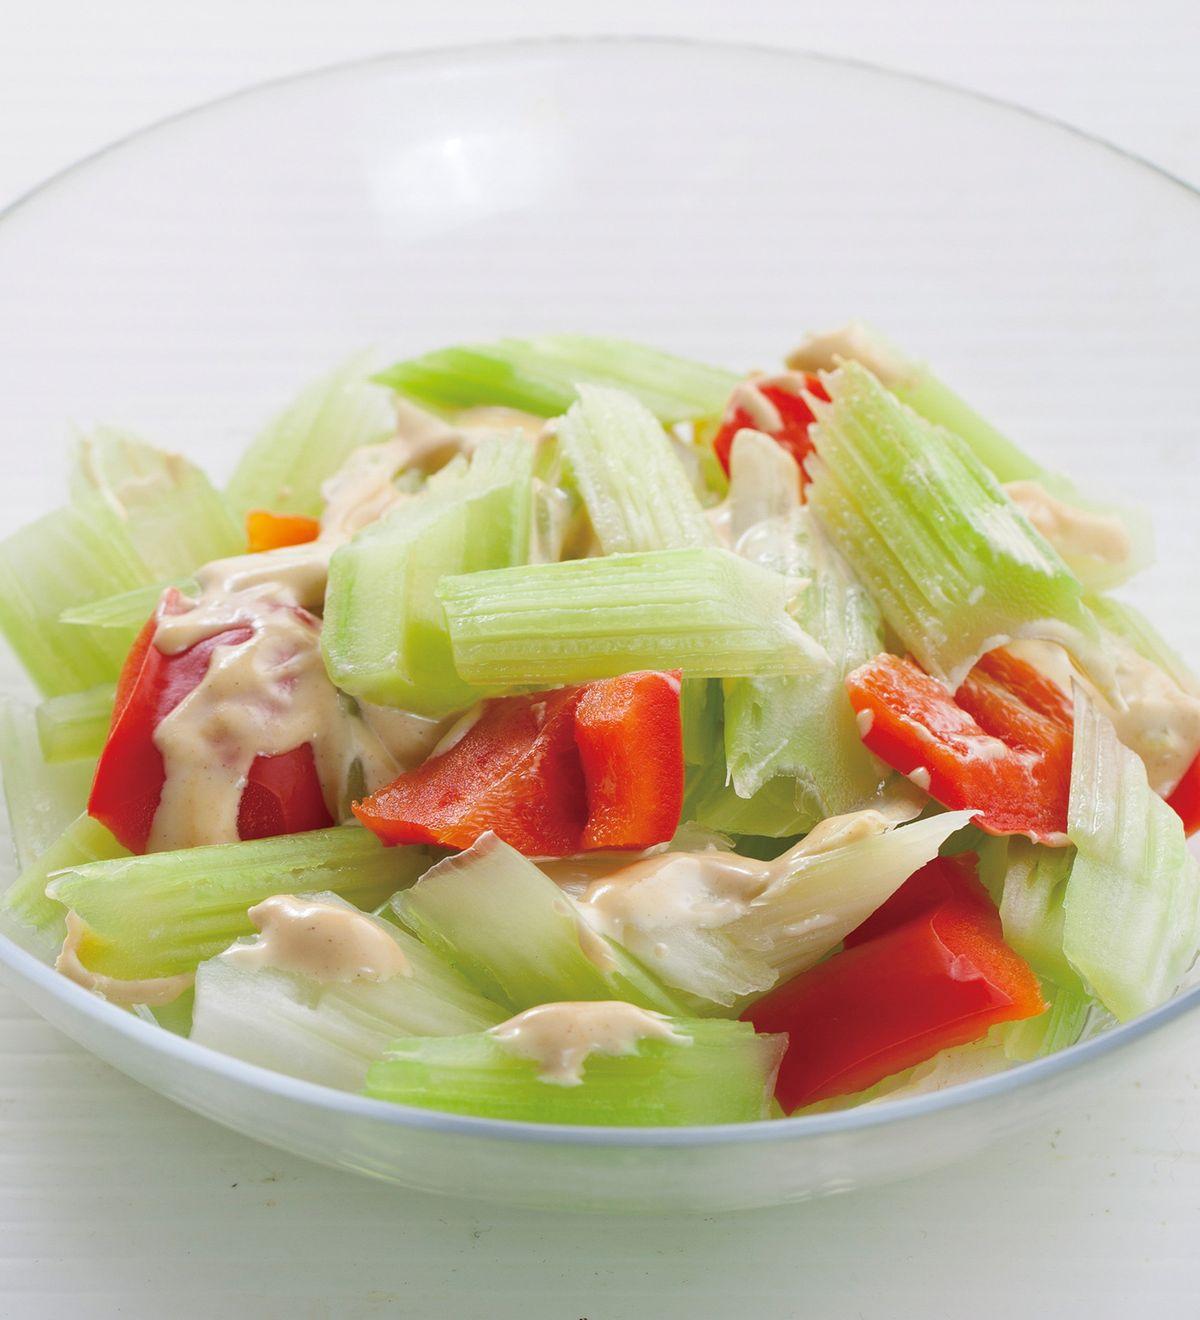 食譜:芥末西芹(1)